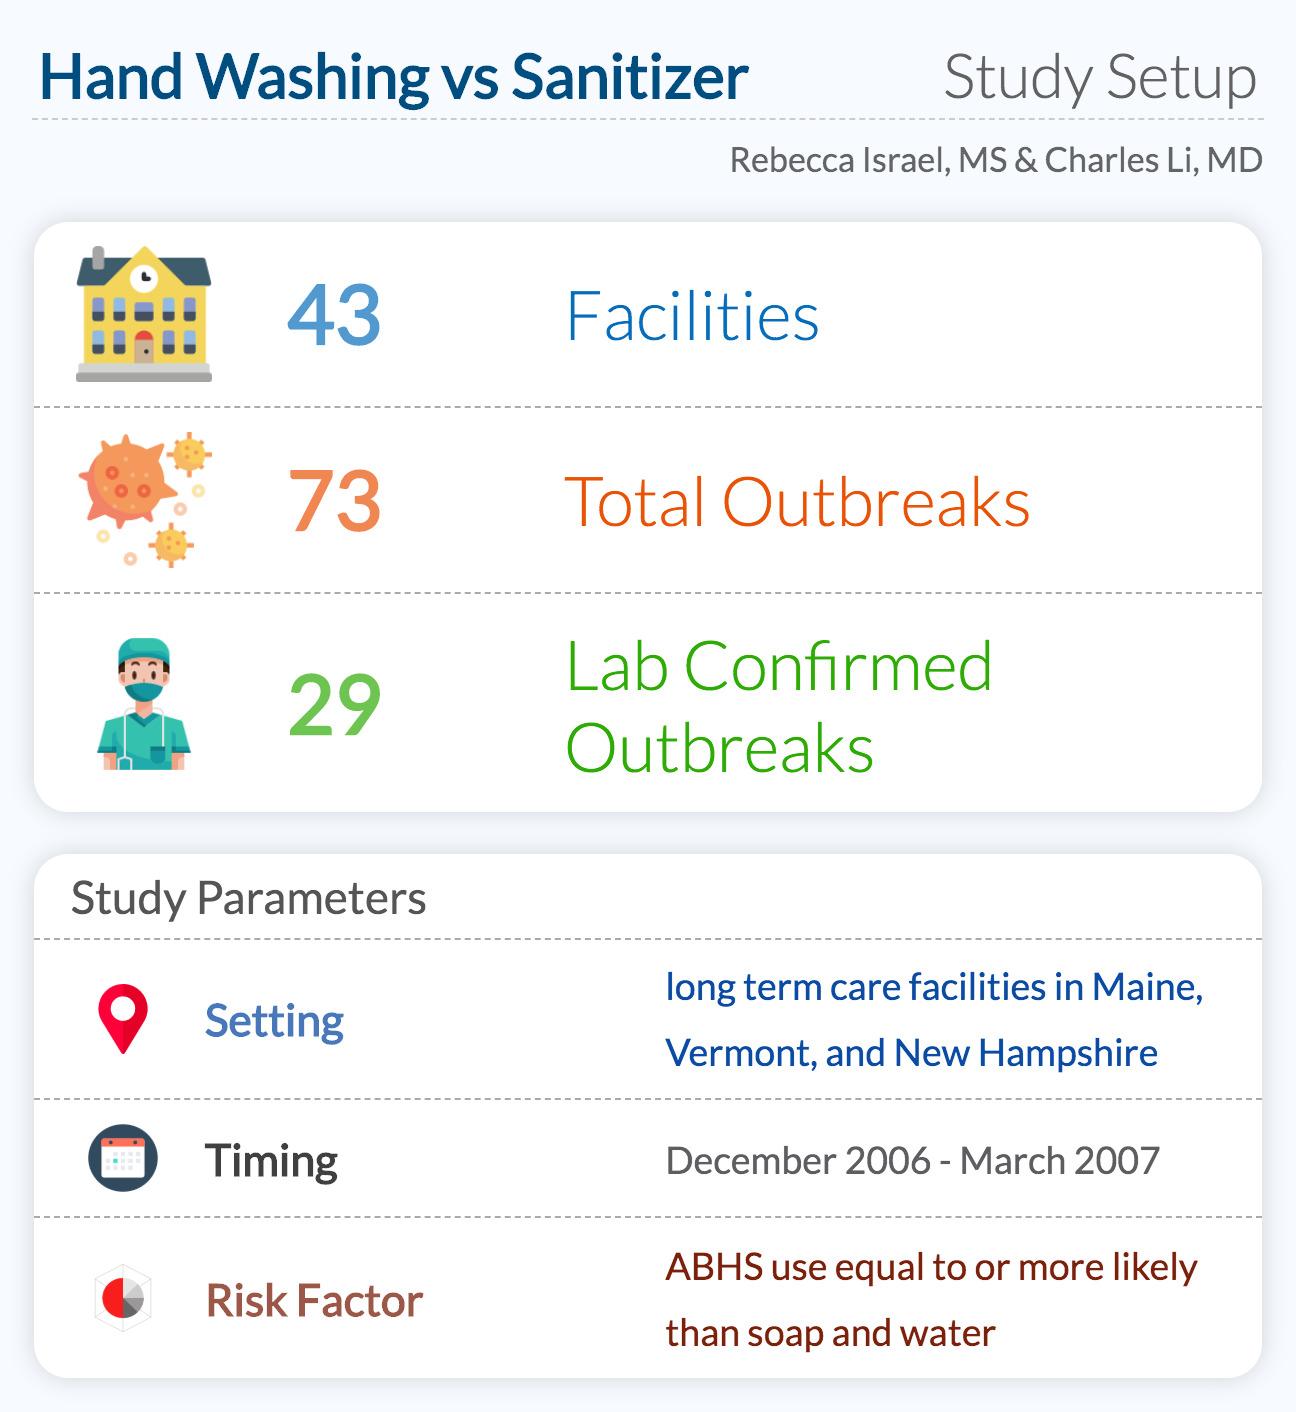 Hand Washing vs Sanitizer Study